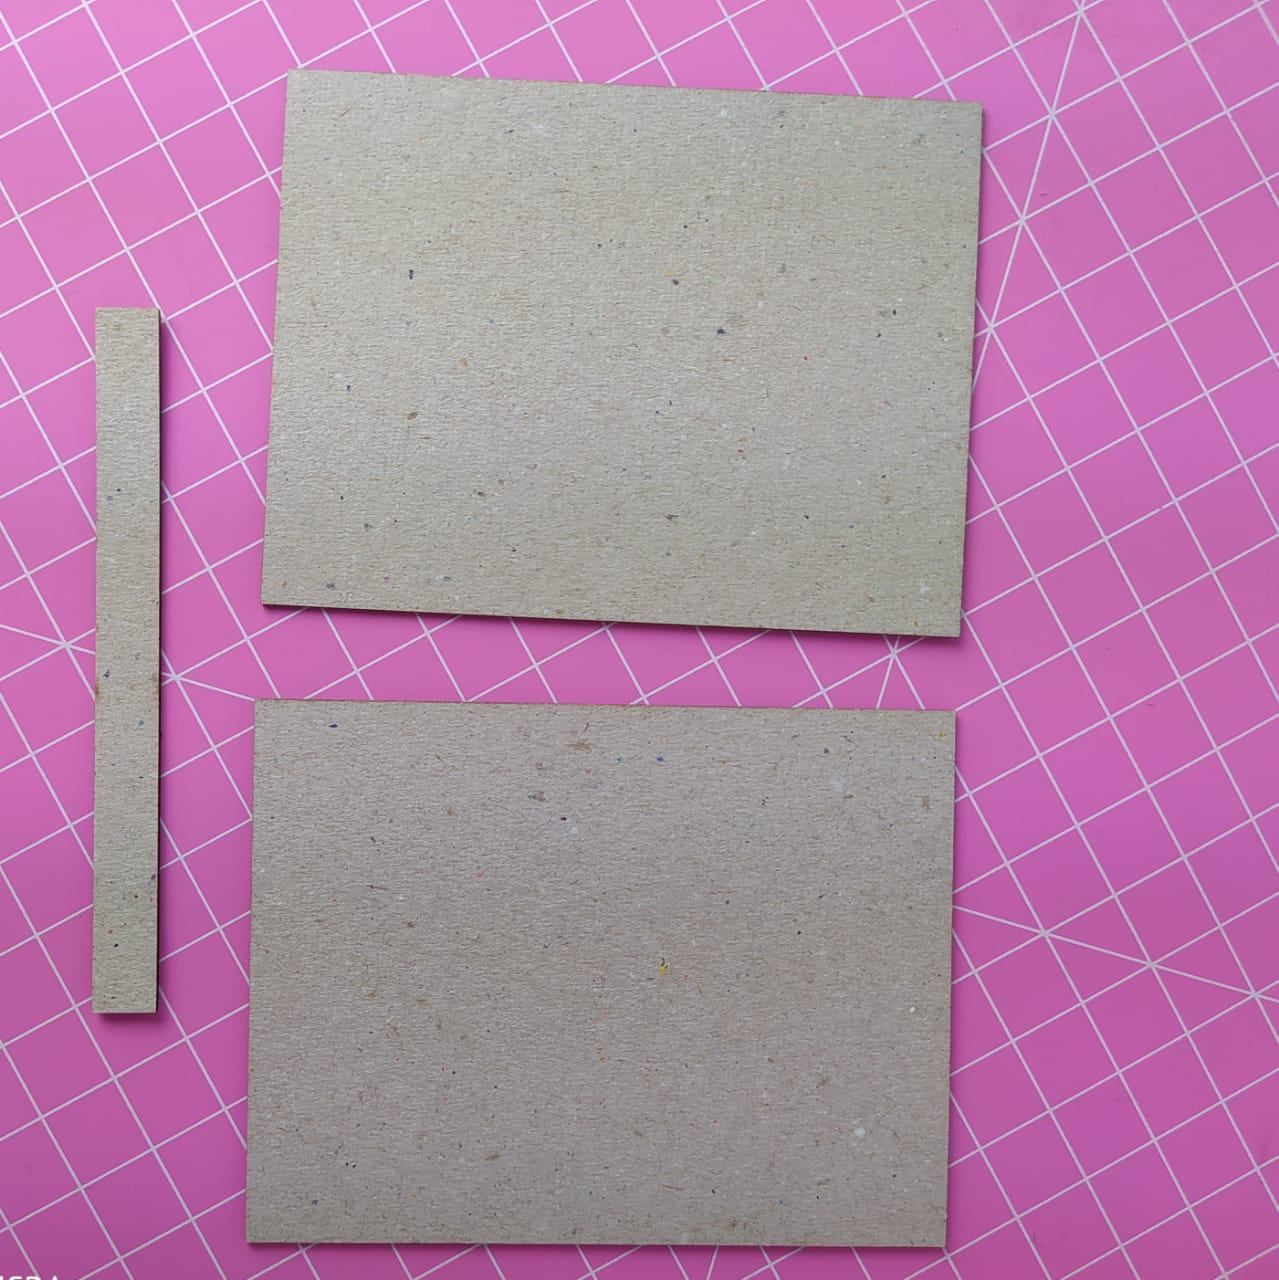 Papelão Cinza Tipo Holler - Post it - 8,5 x 11,0 cm - 12 conjuntos